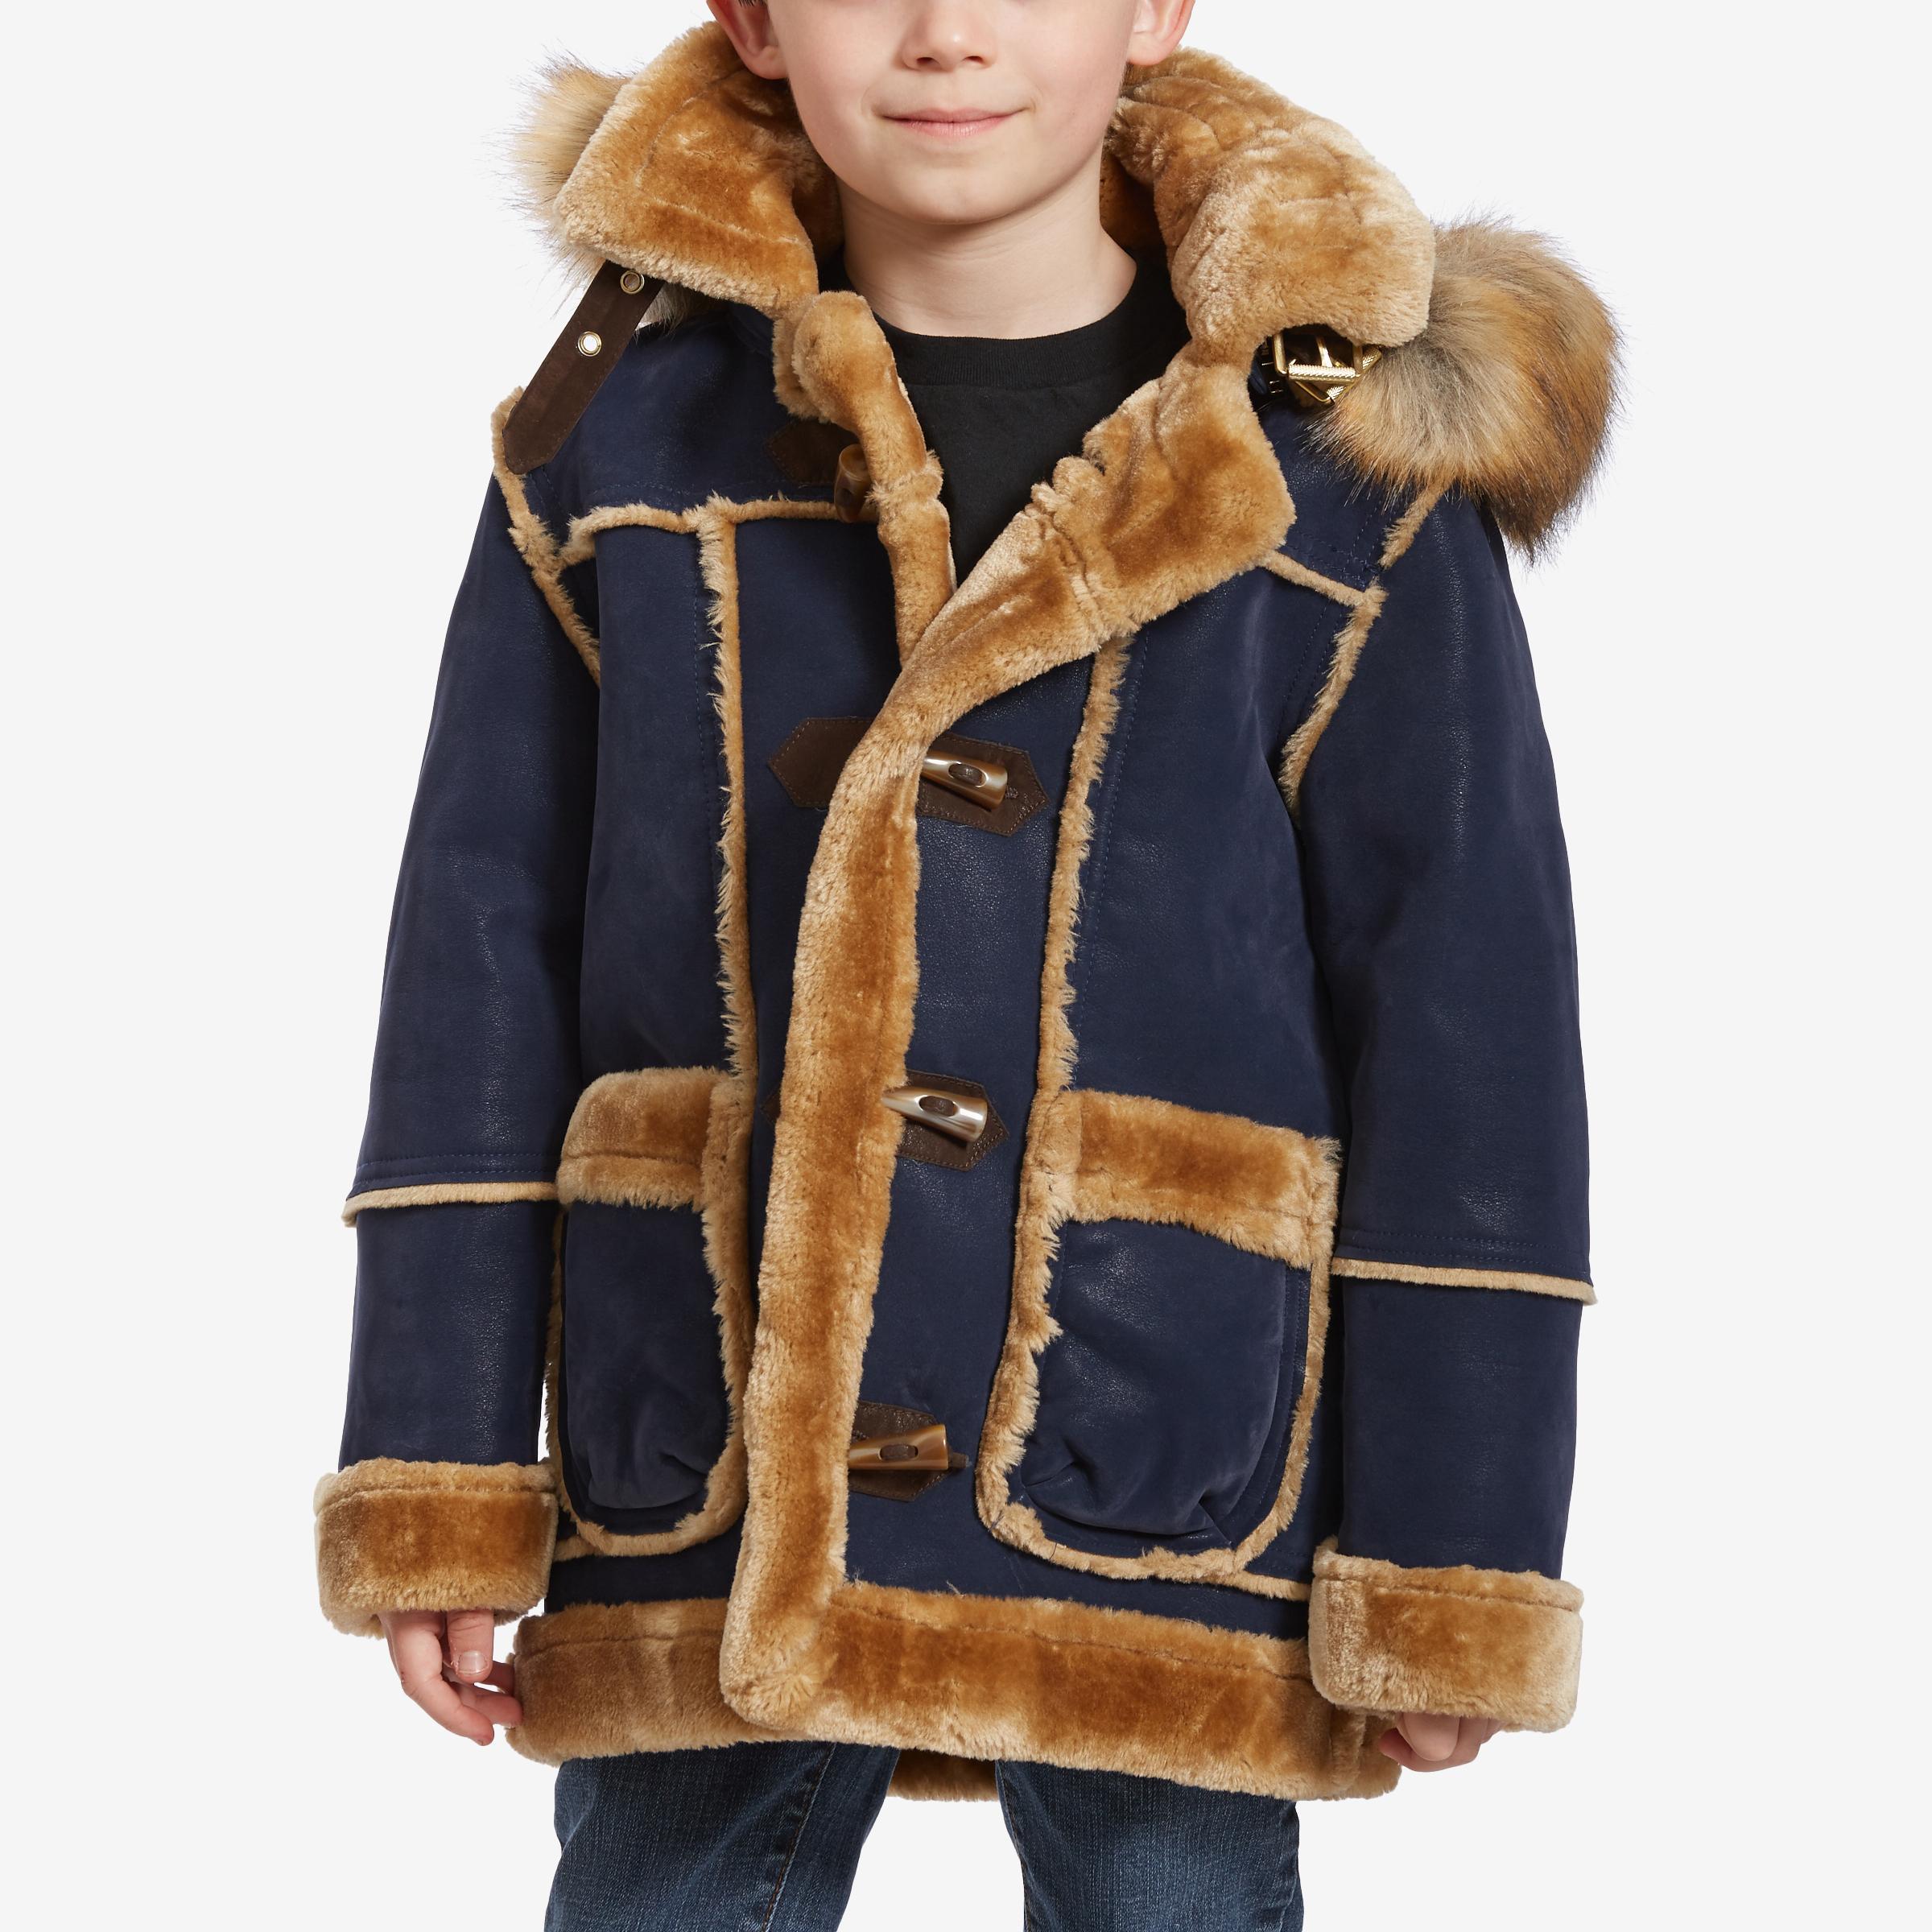 Denali Shearling Jacket